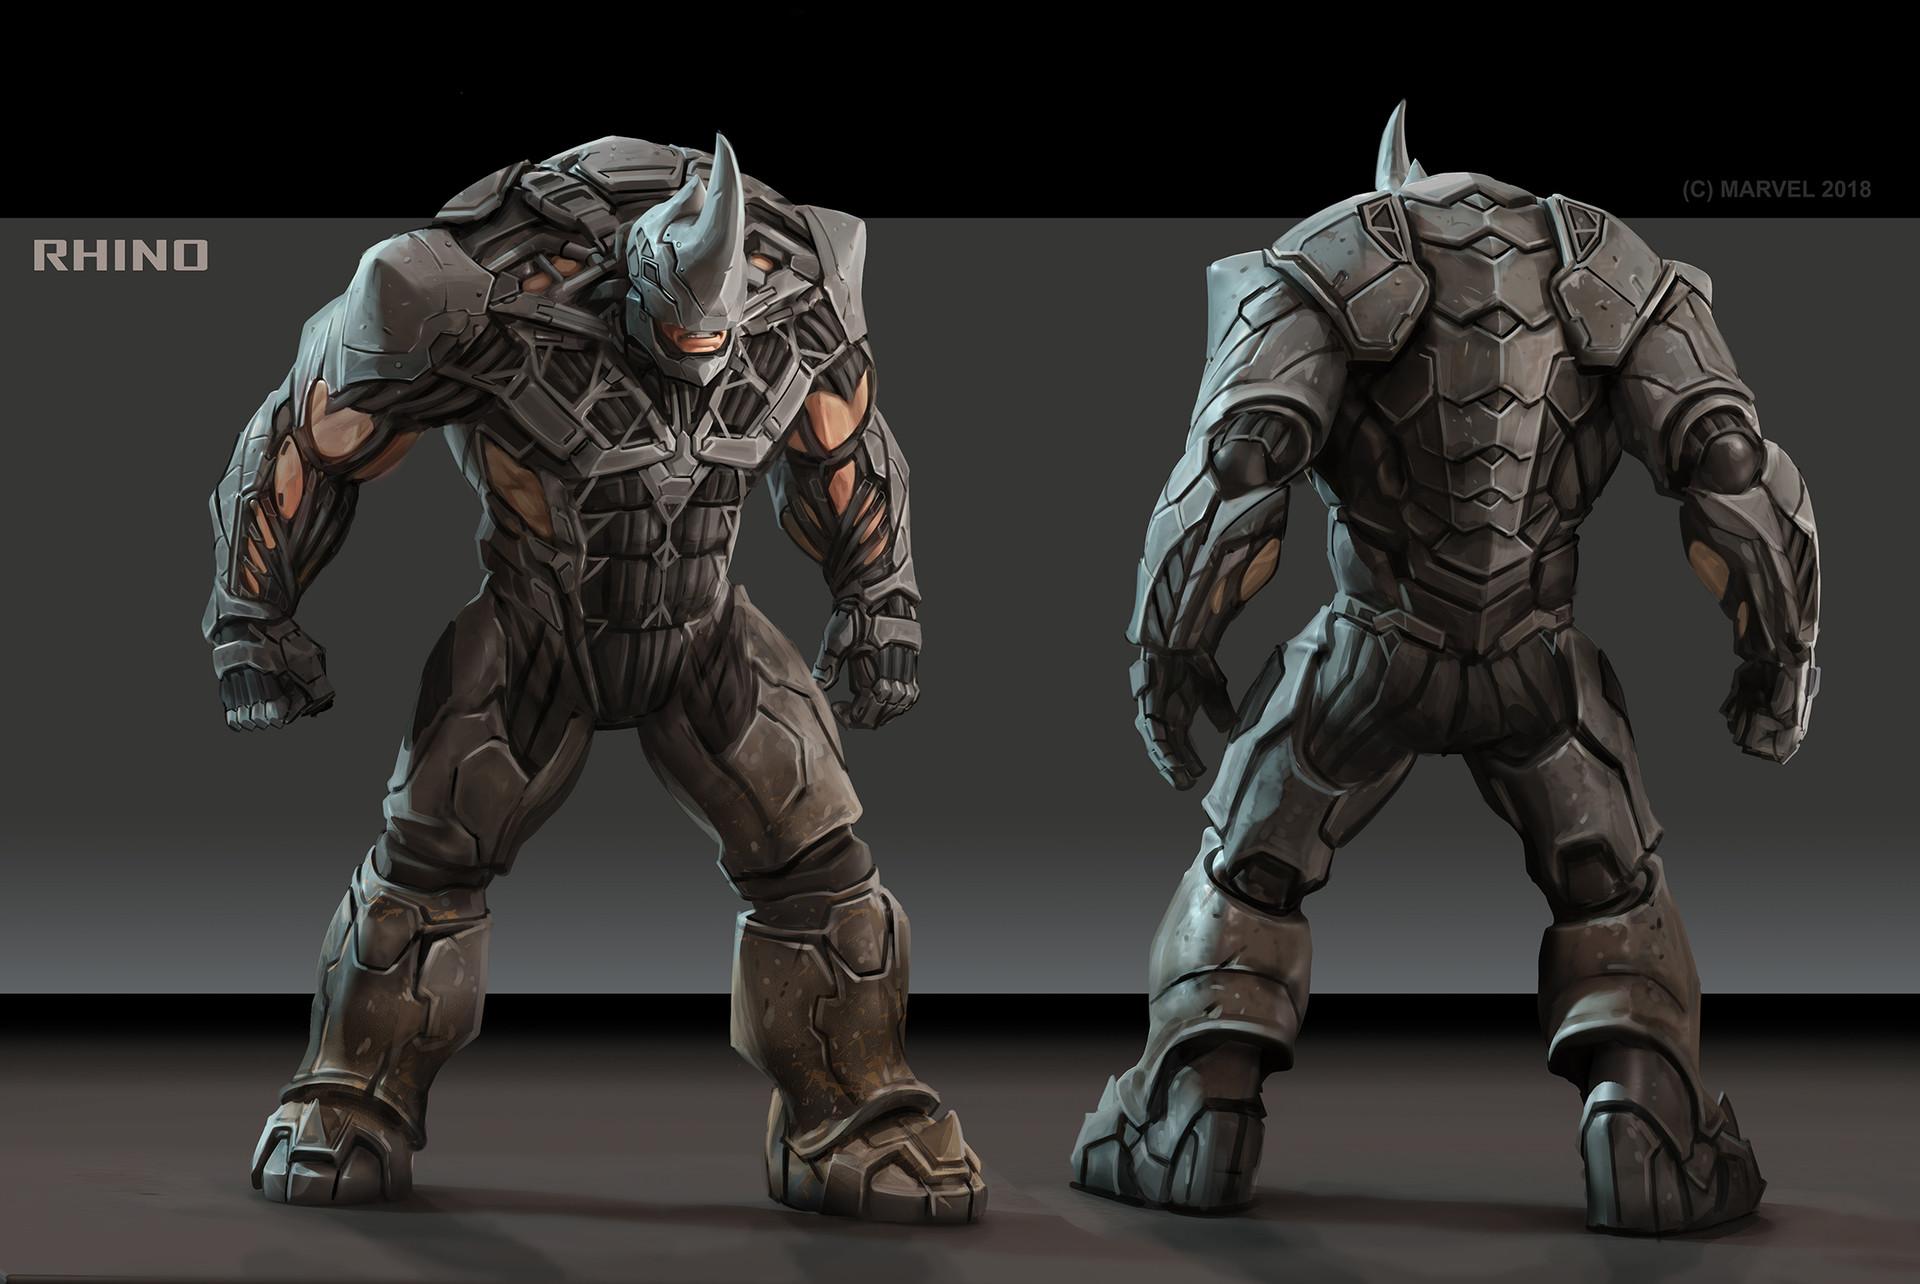 Daryl mandryk rhino polish0 update